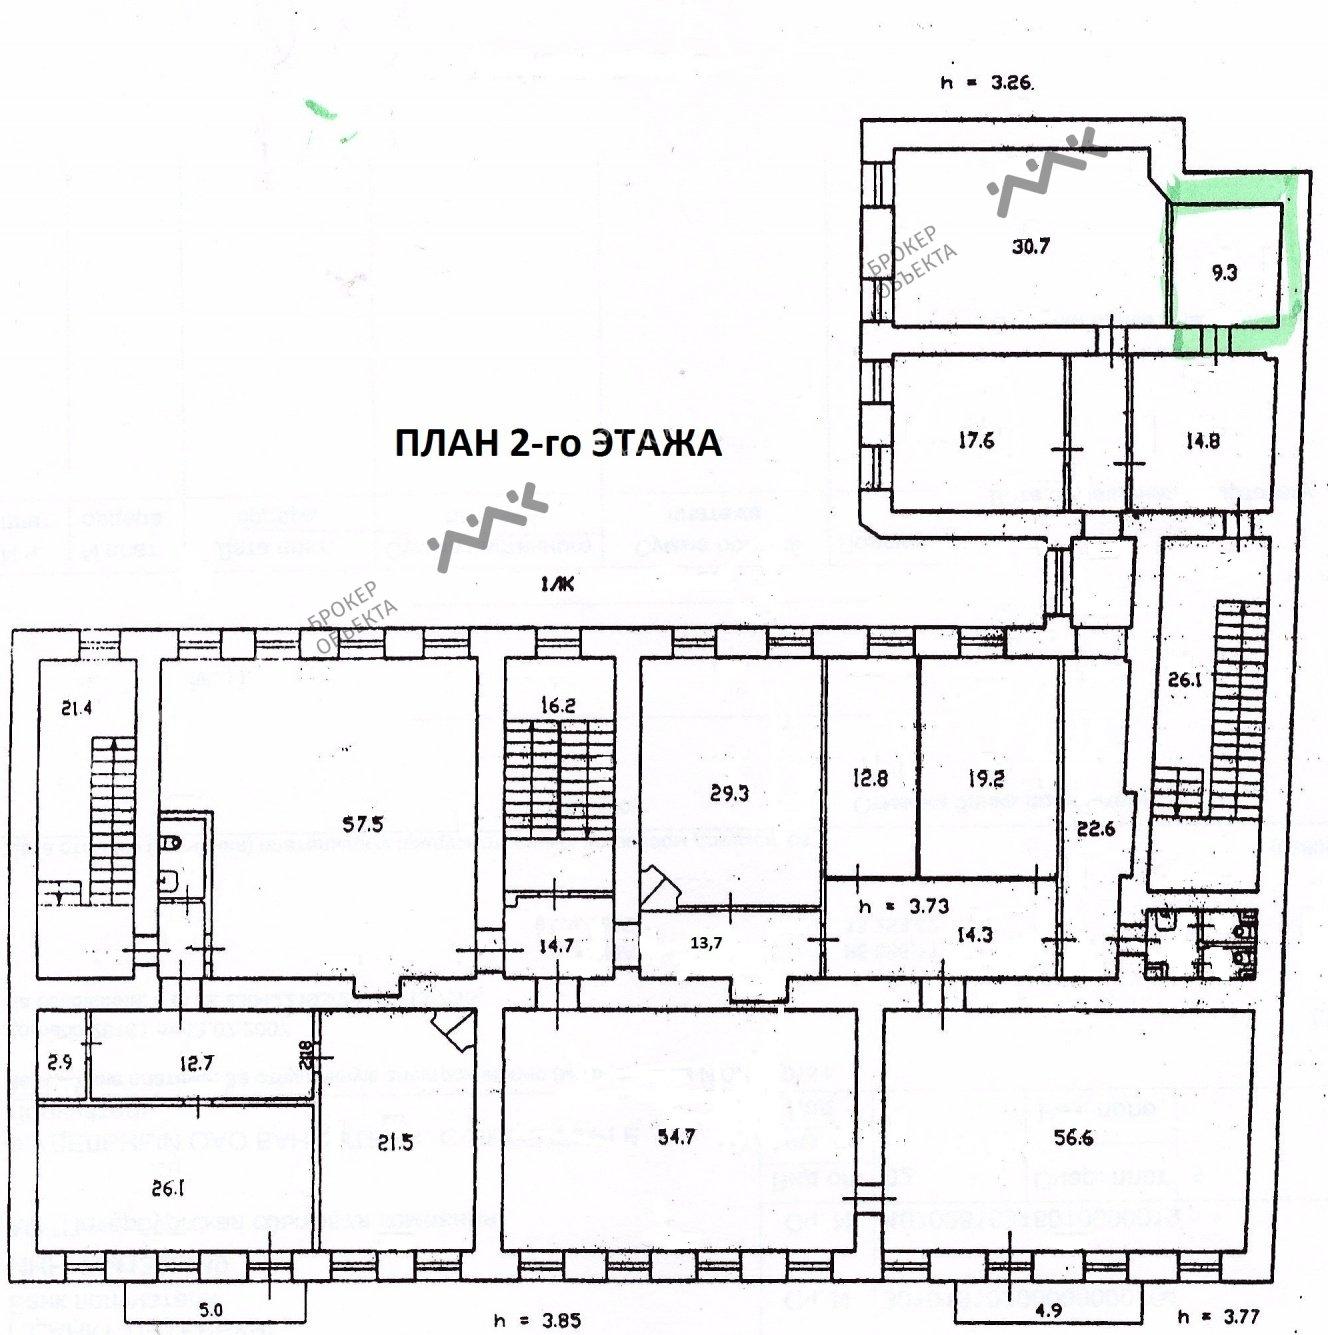 Планировка Рузовская ул., д.21. Лот № 3616222